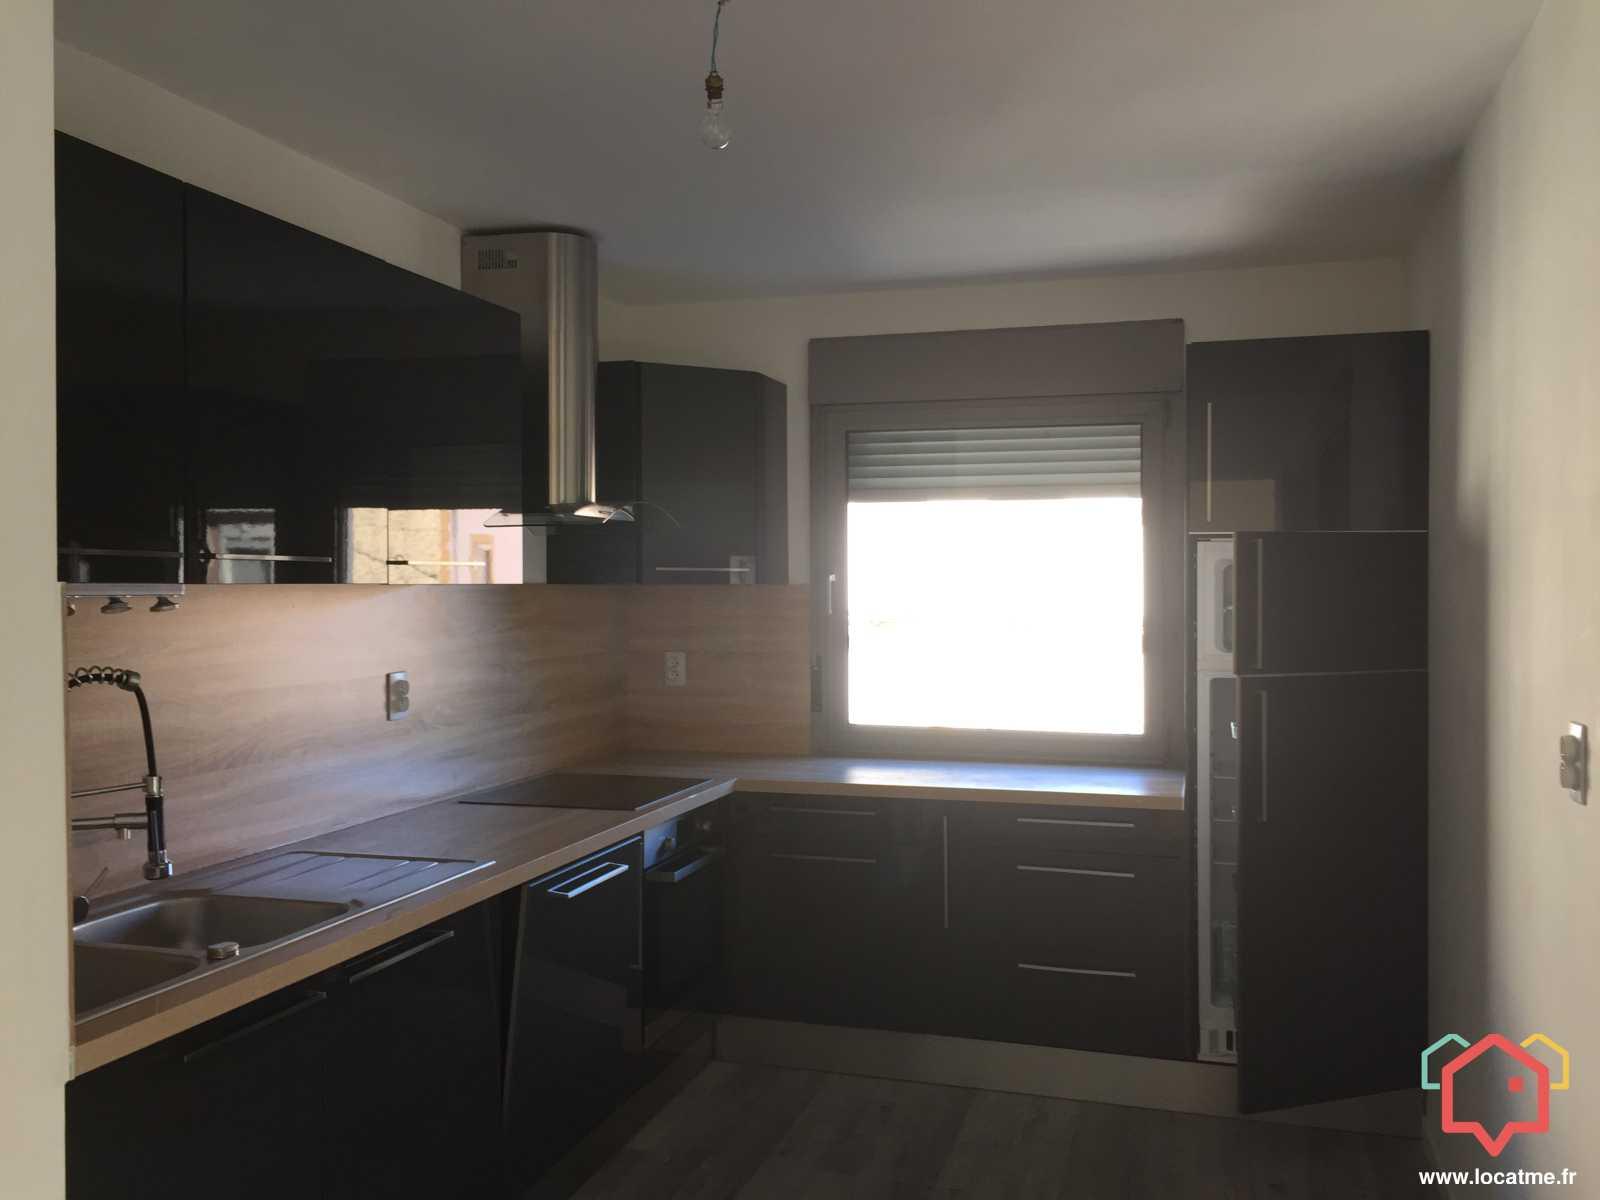 Location Appartement Meublé à Lyon Particulier